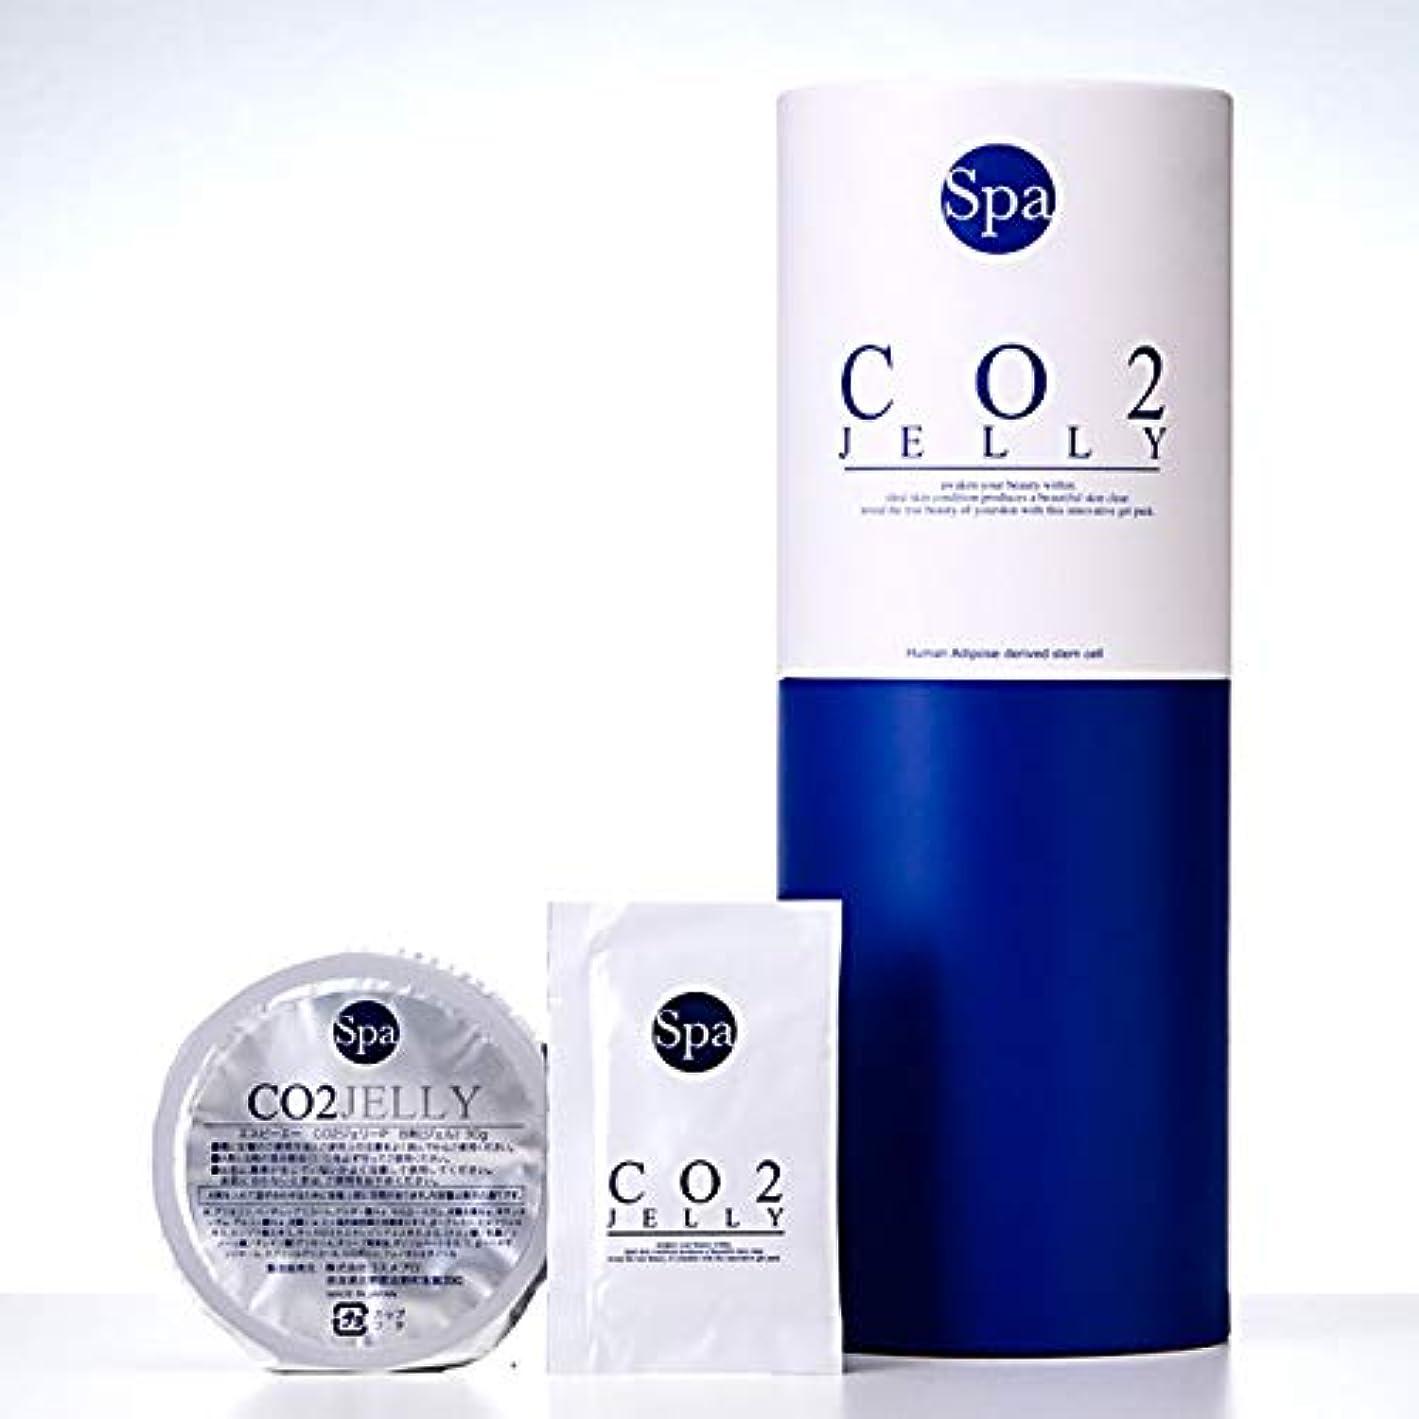 スムーズにセージロバSpa(エスピーエー)CO2 JELLY ジェリー (5回分)日本製 炭酸パック ジェル